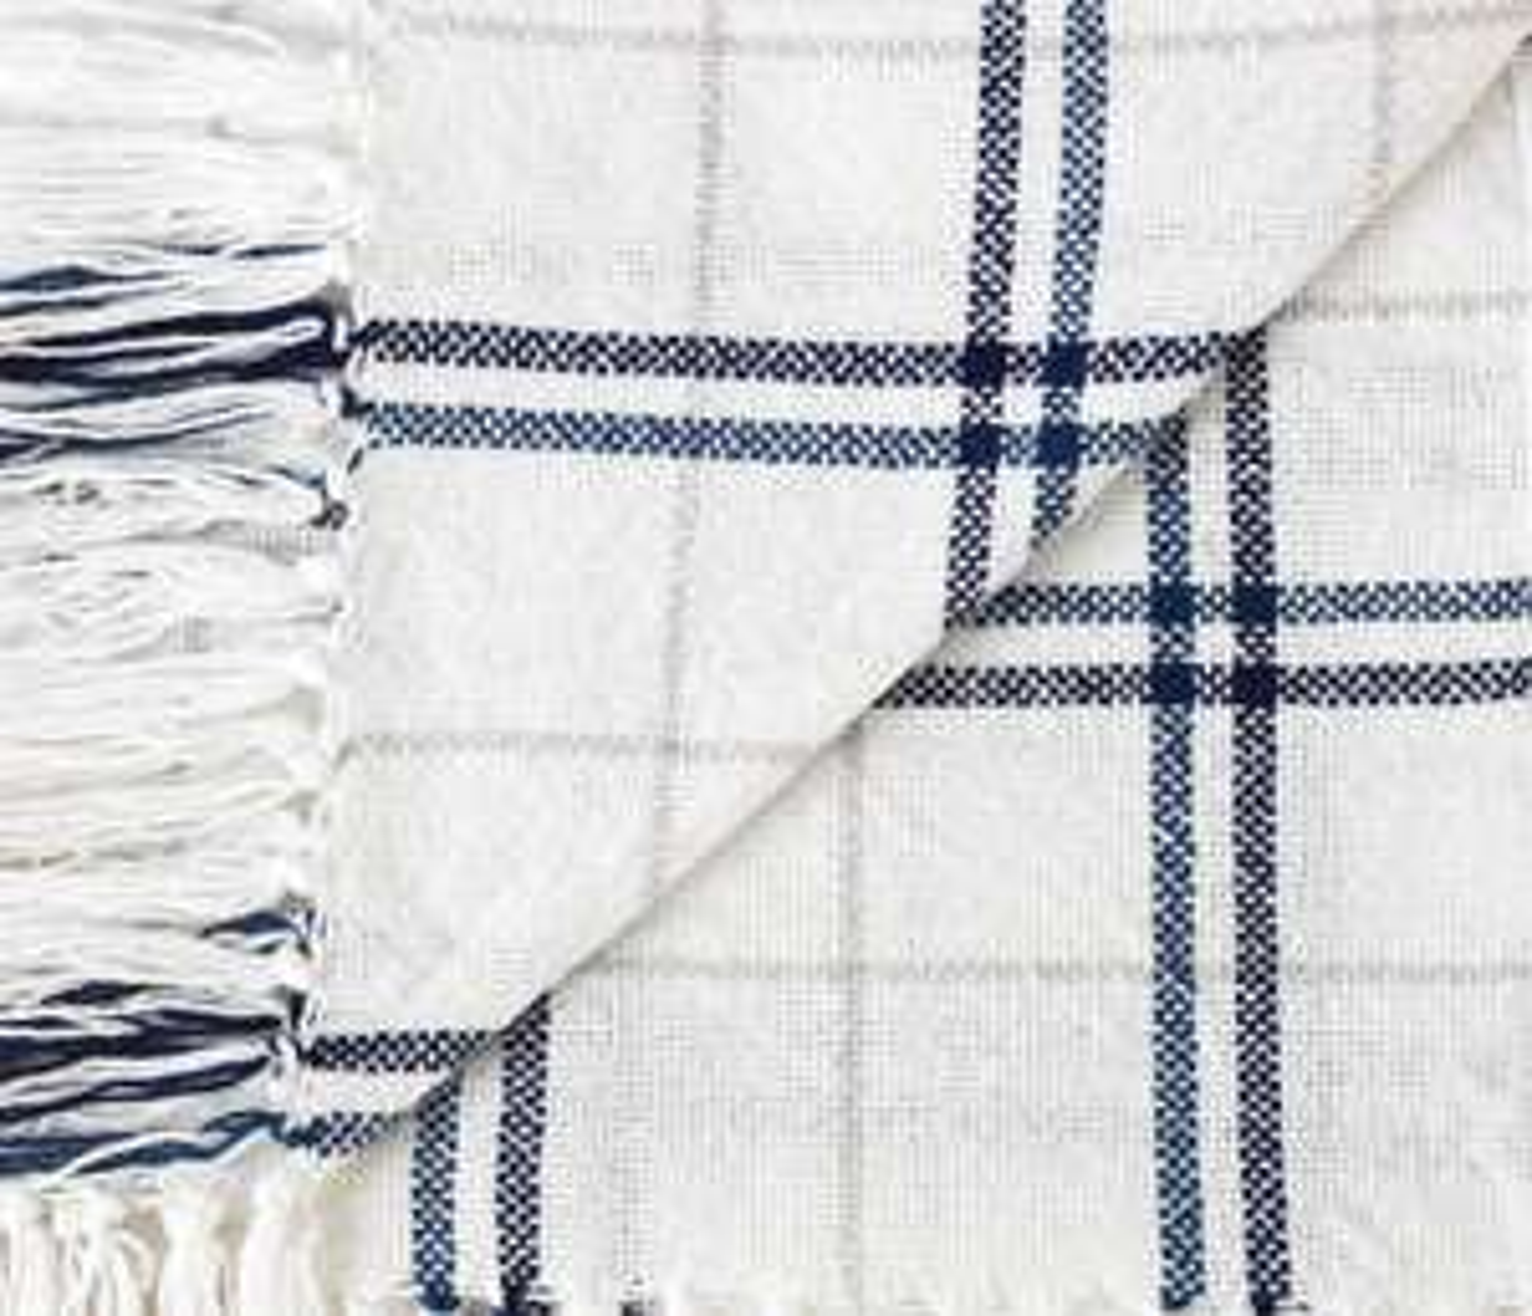 100% Cotton White with Blue Check Throw  £4.80  @ Argos (free C&C)